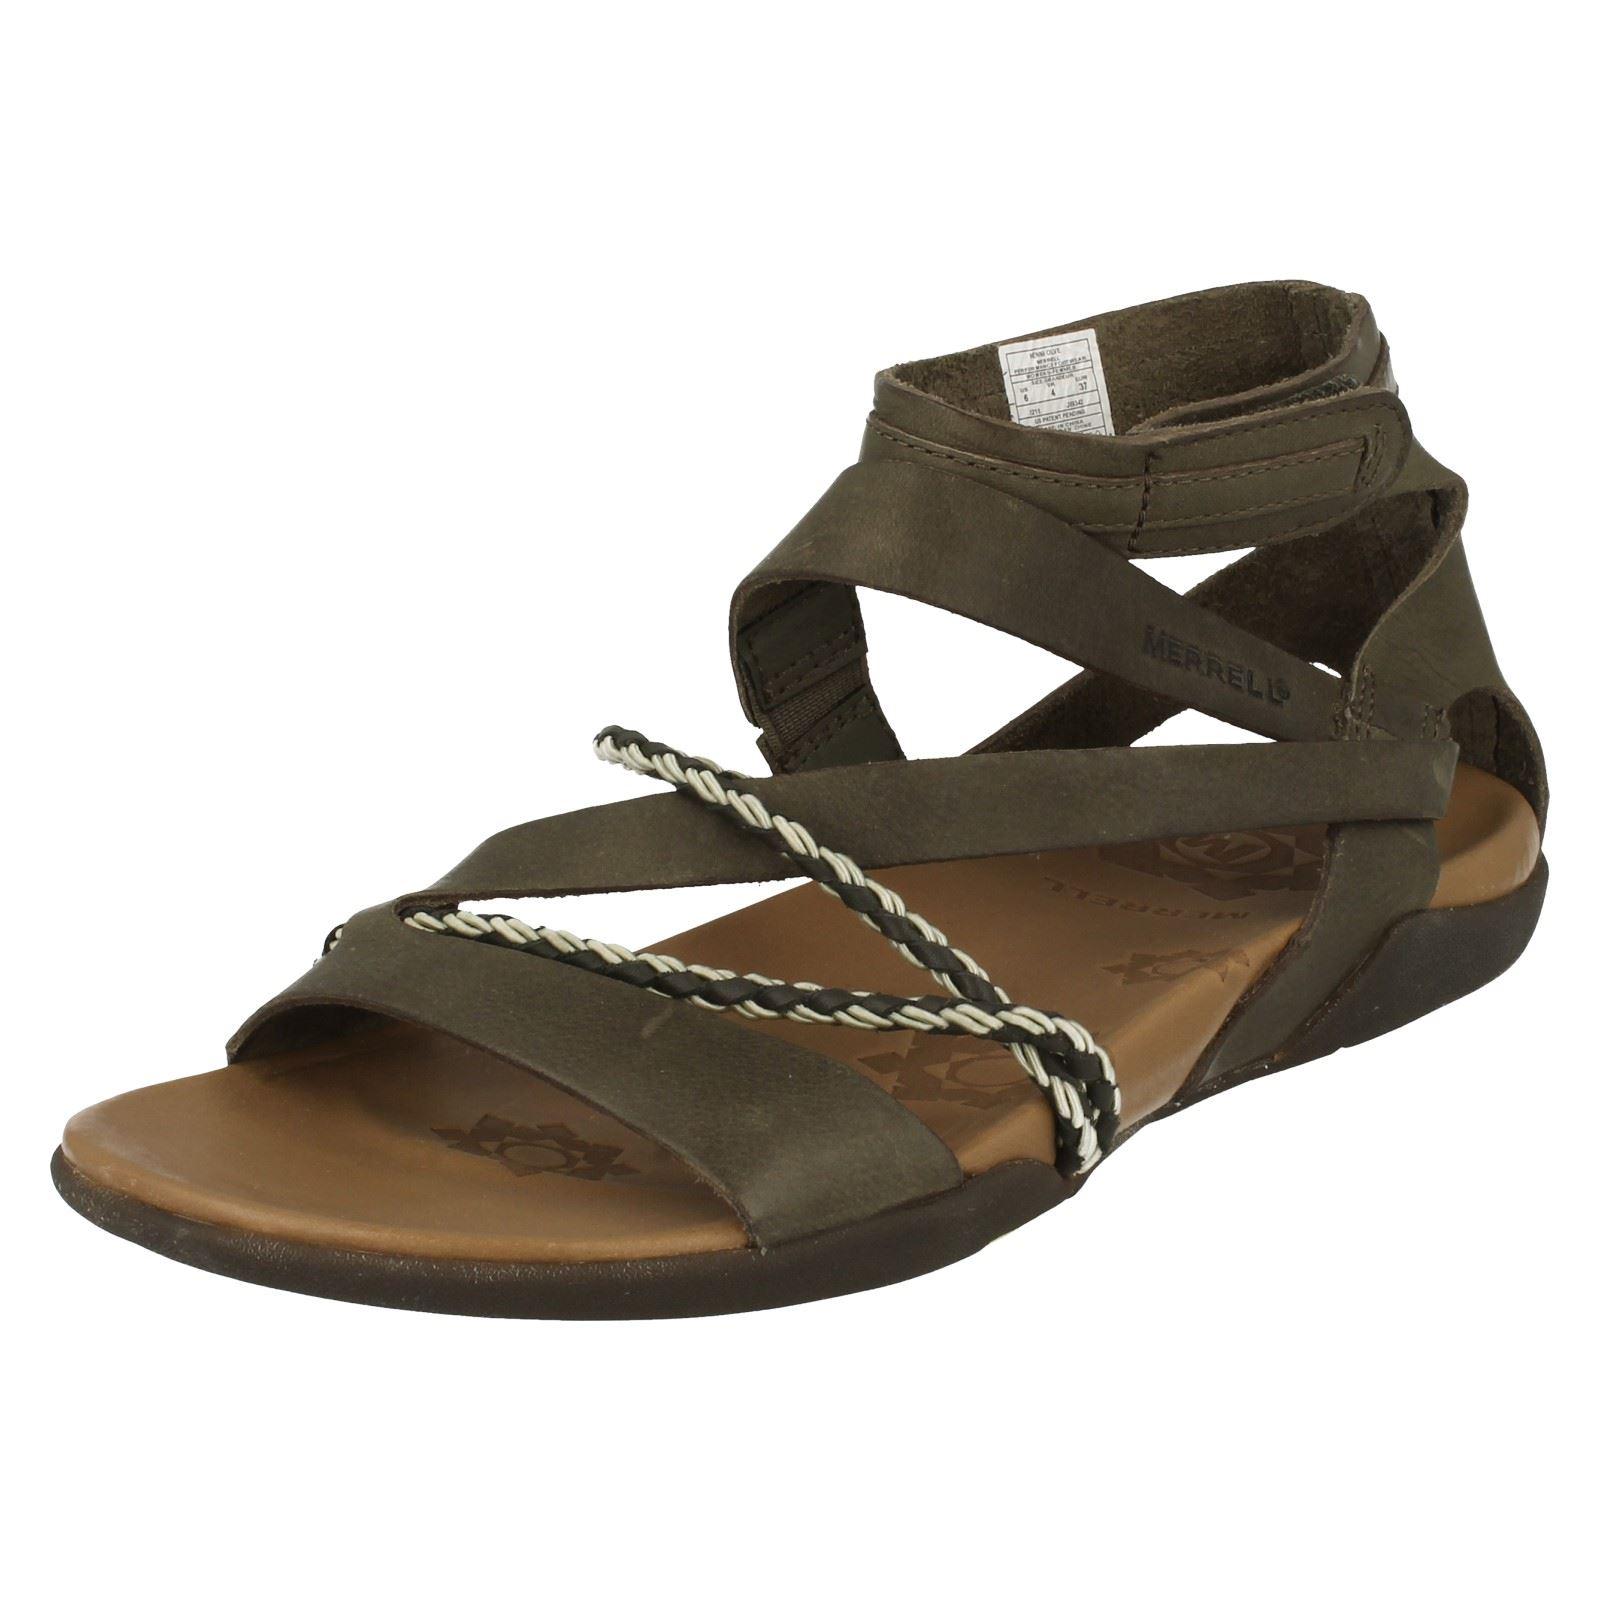 Ladies Merrell Sandals Henna Ebay